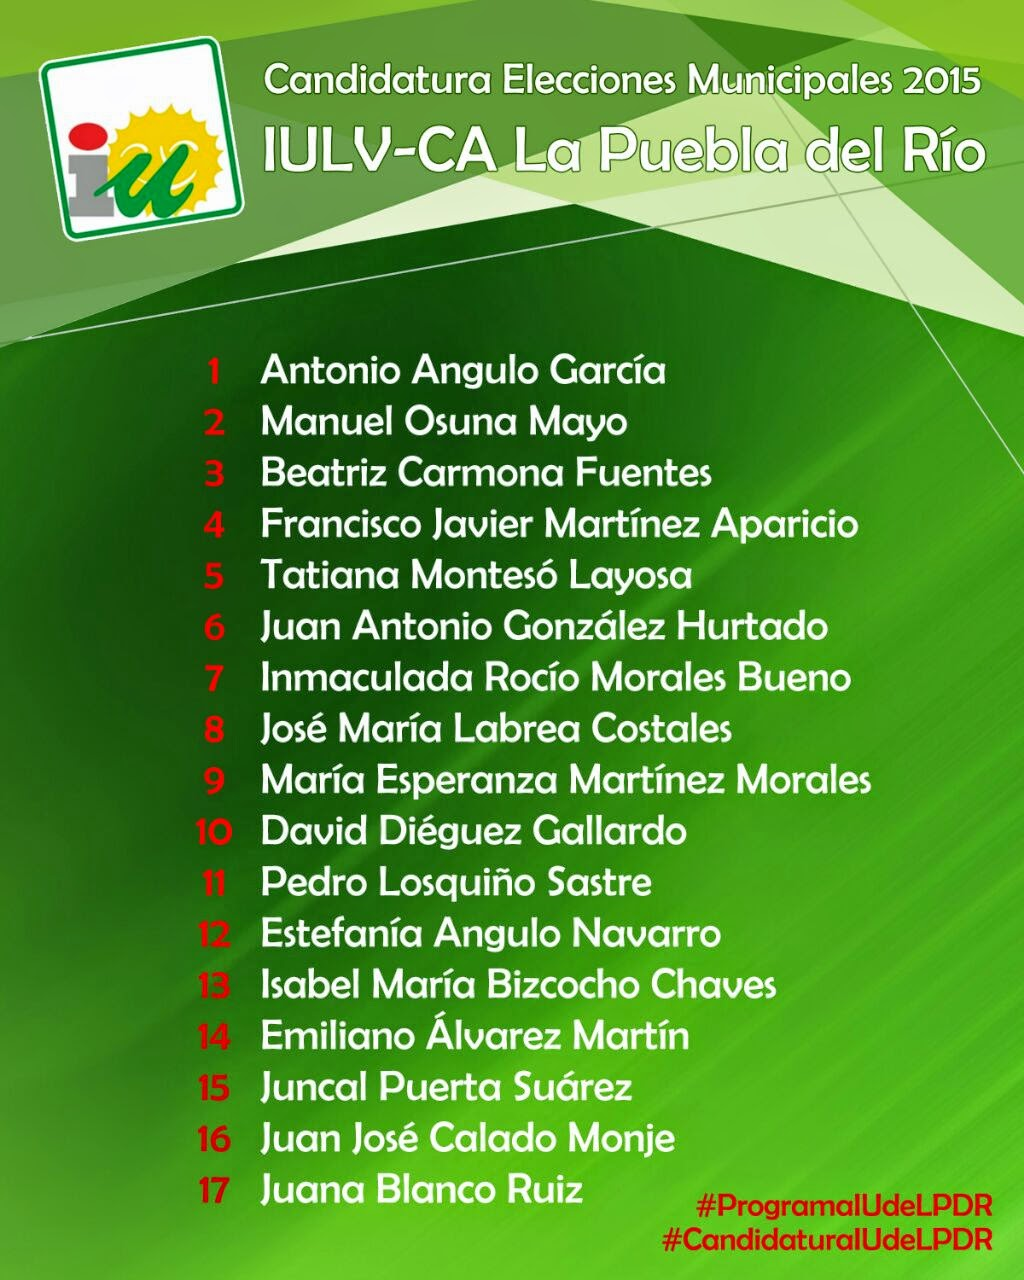 Candidatura IULV-CA La Puebla del Río Elecciones Municipales 2015